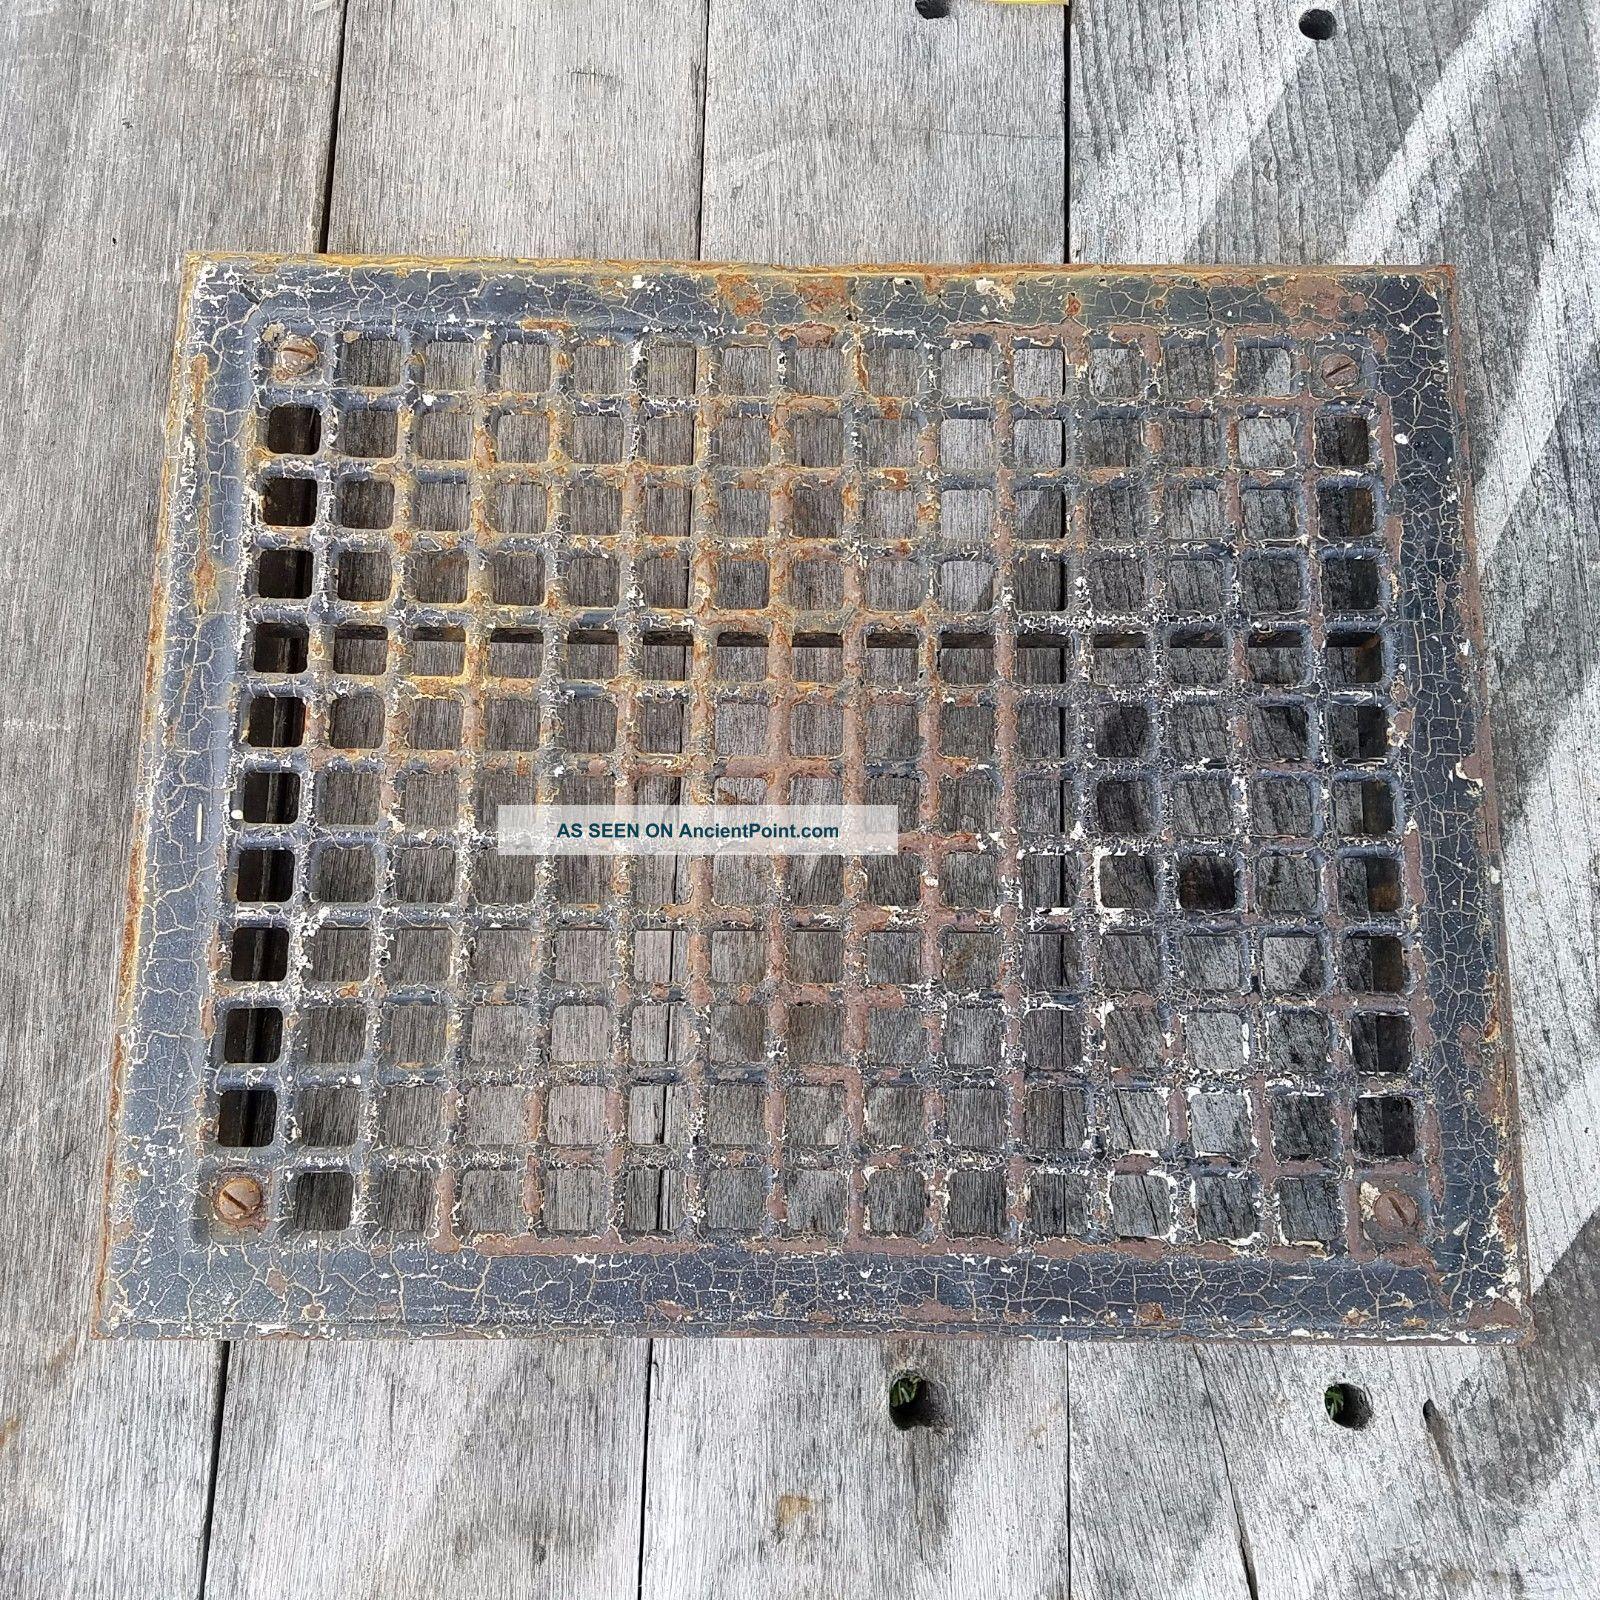 Vtg Metal Floor Grate Register Or Grill Salvaged Vent 14